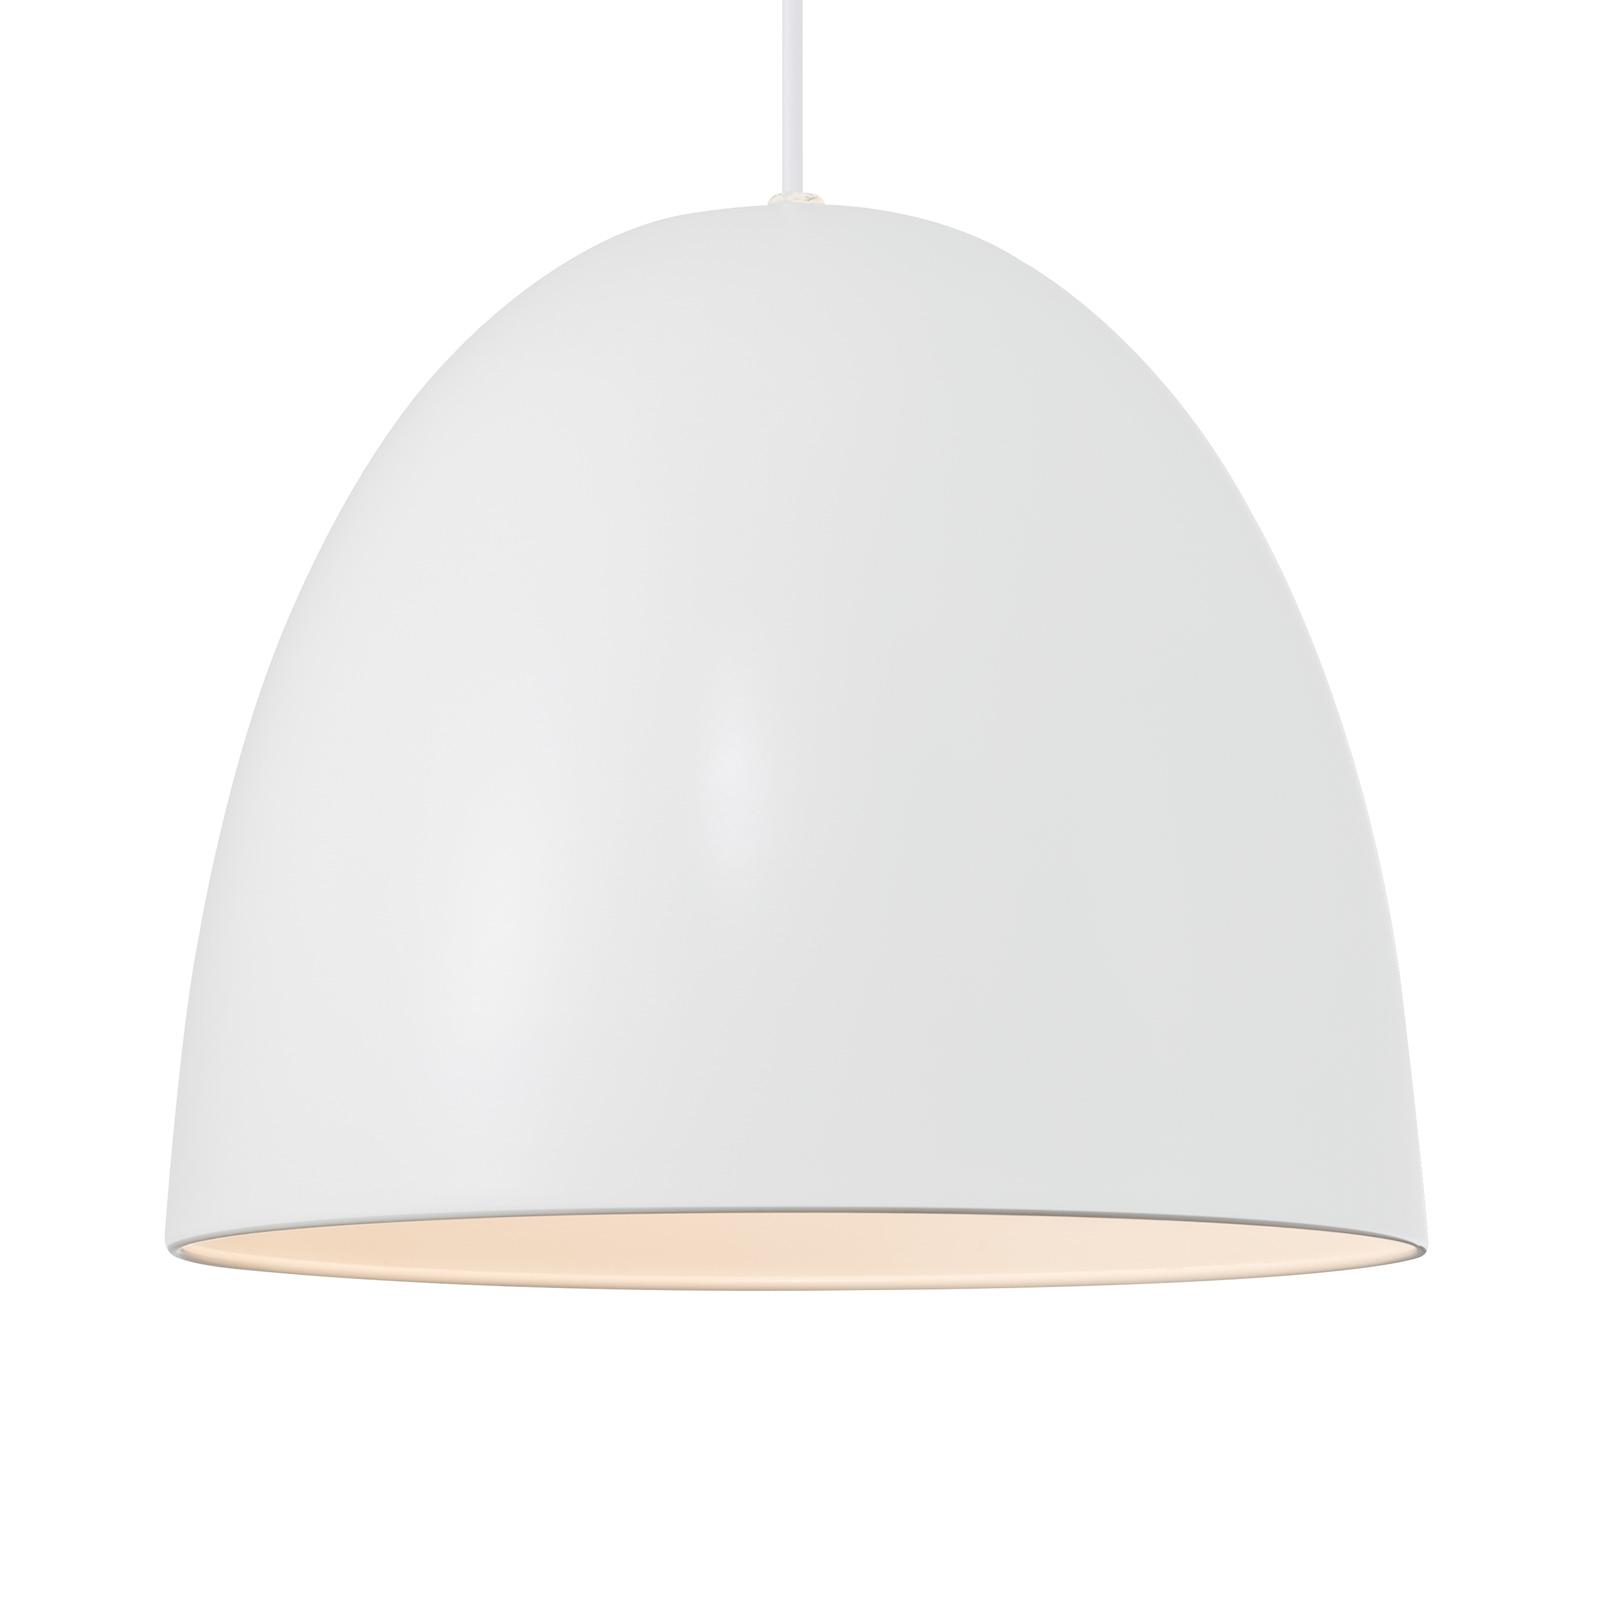 Lampa wisząca Alexander z metalowym kloszem, biała